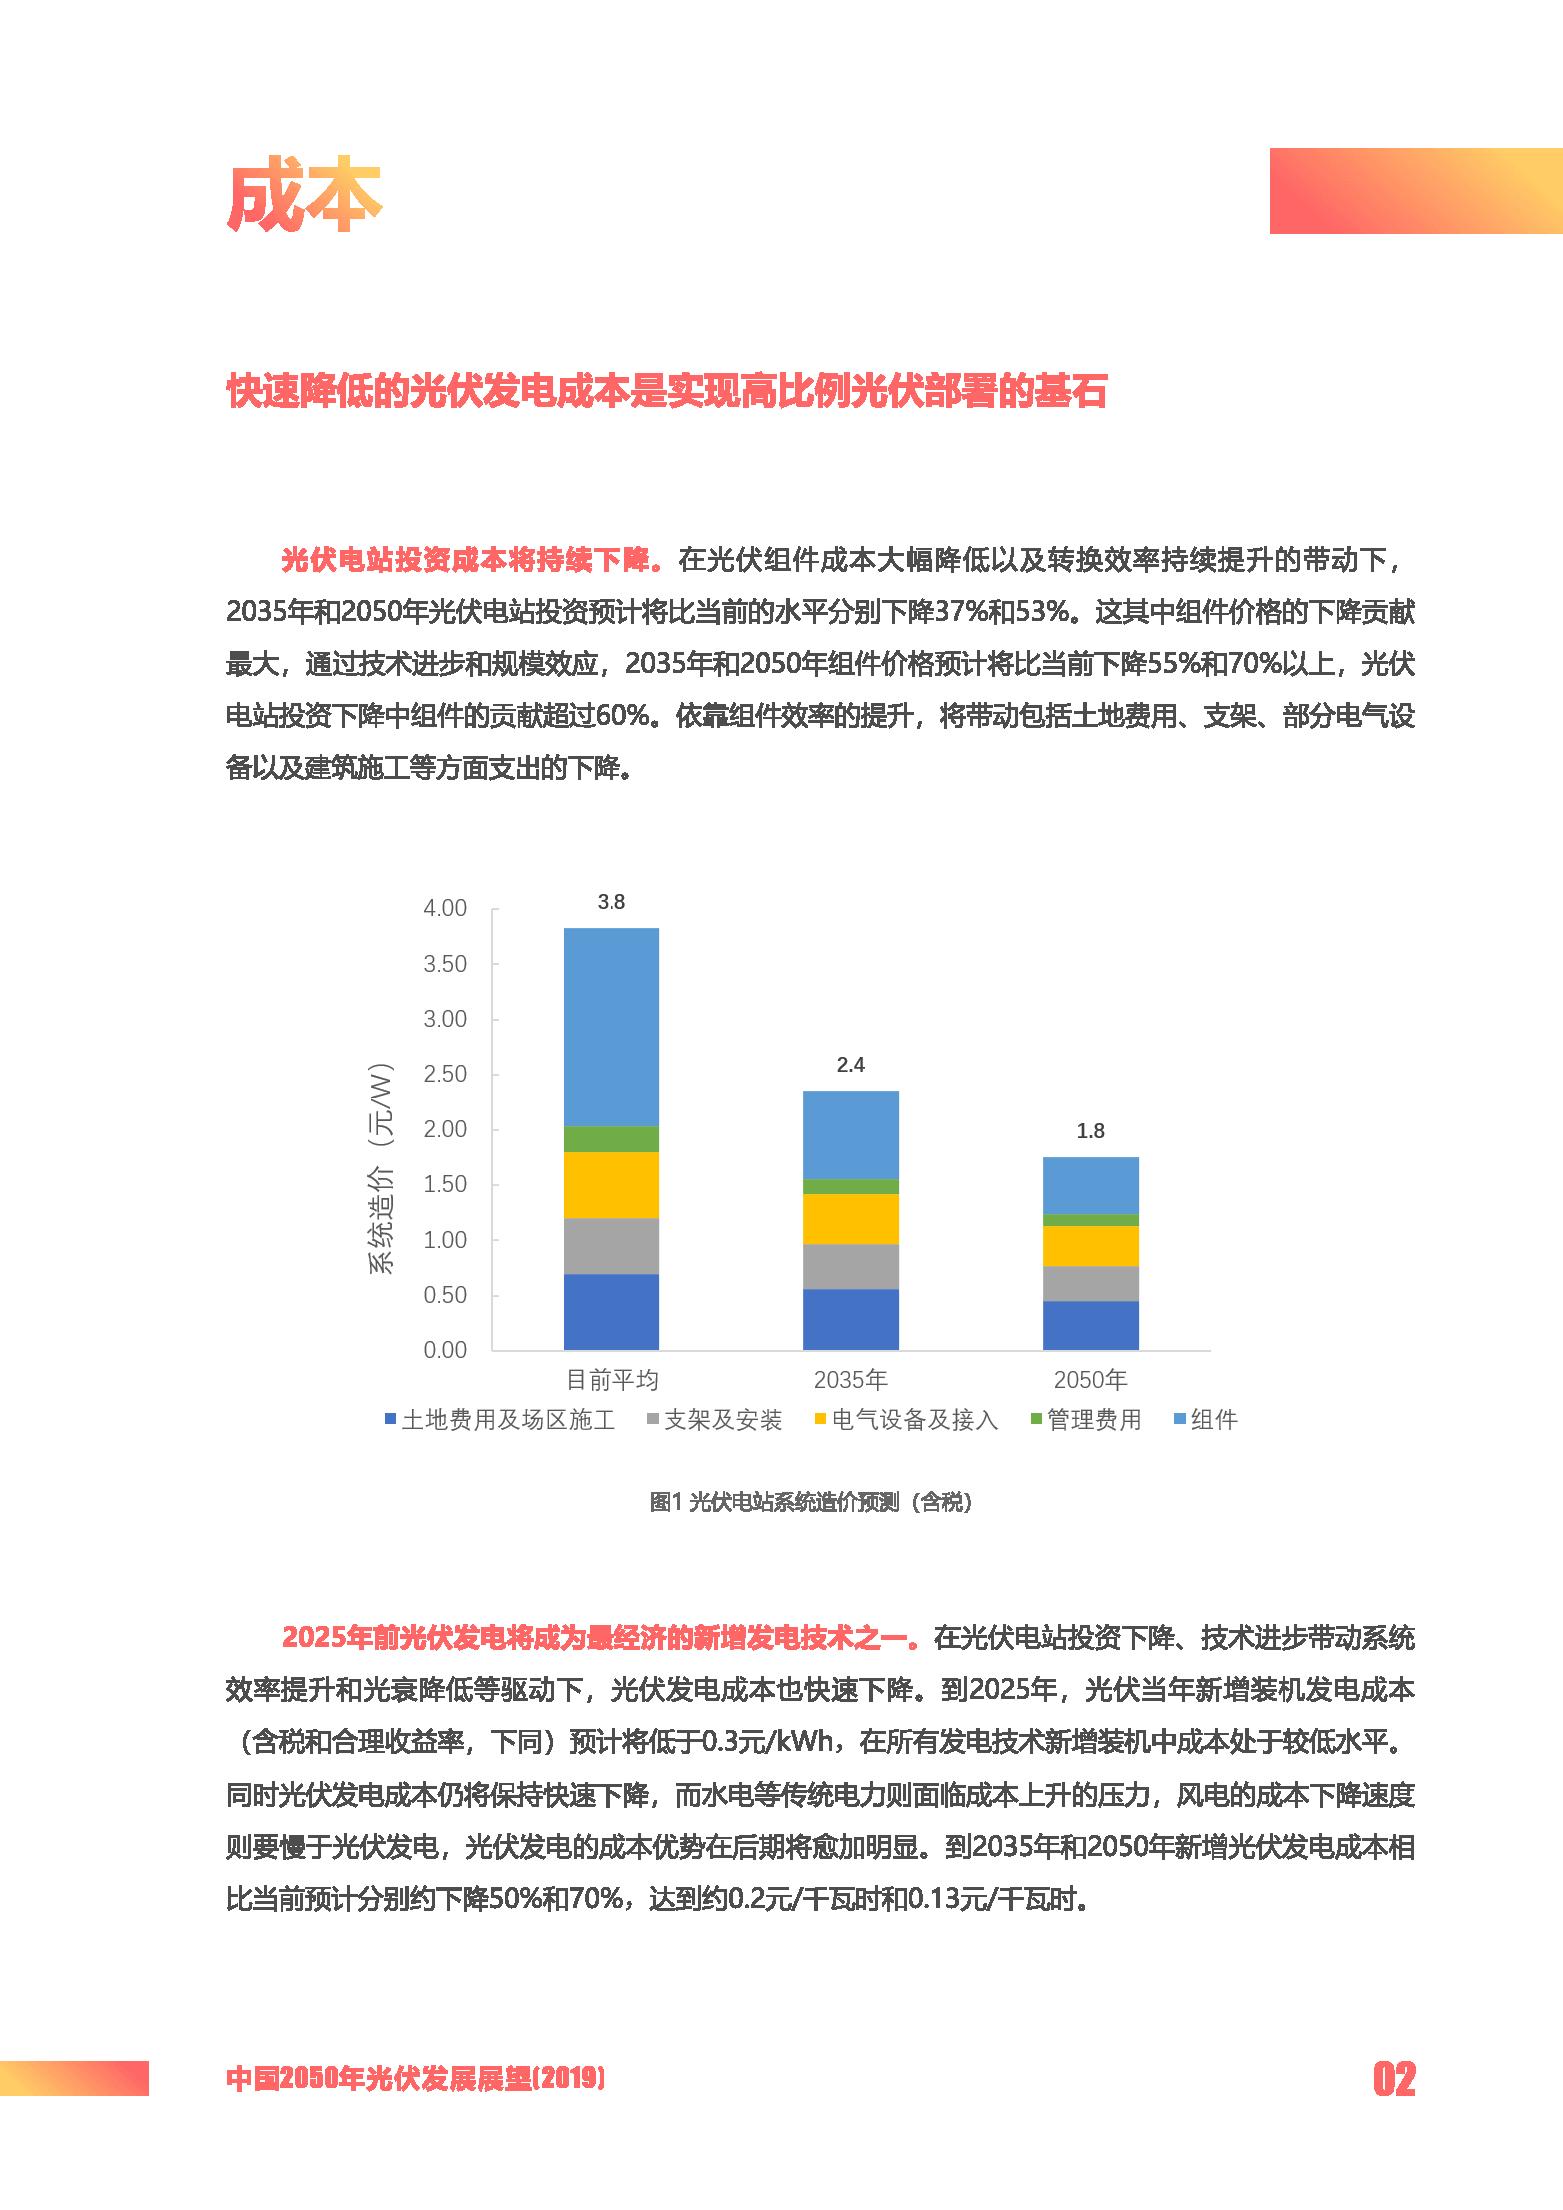 中国2050年光伏发展展望-2019_页面_05